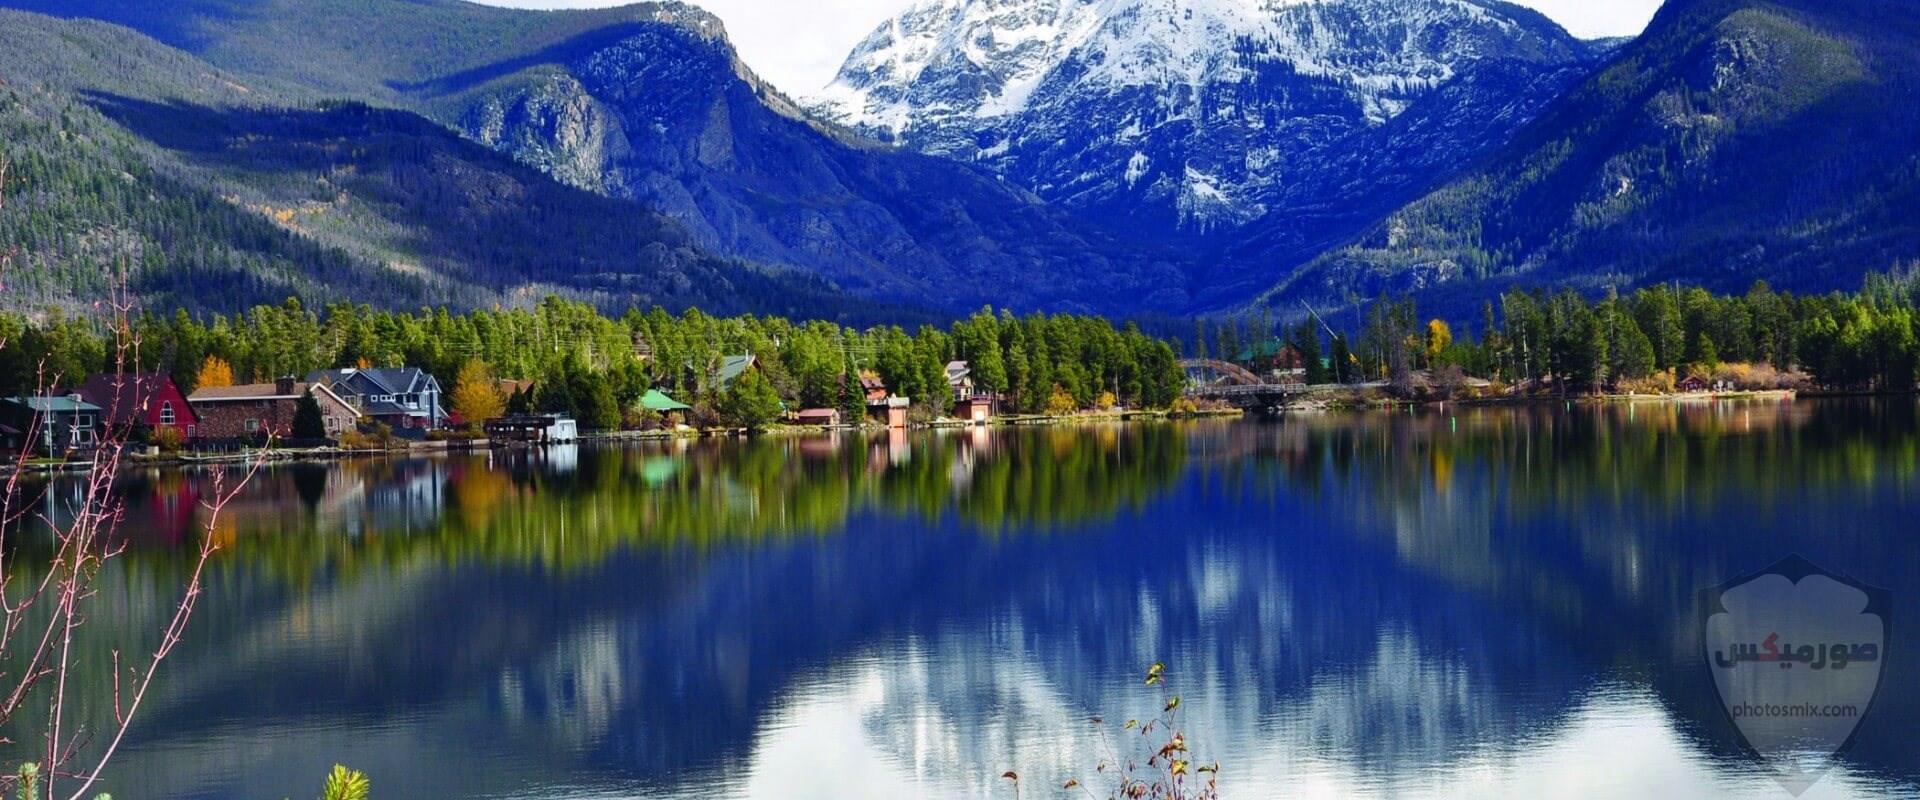 غروب هادئ الجبال والمياه تحميل PNG ، الغروب كن هادئا الجبل ناقلات الفنون ، ملفات PSD والخلفية 11